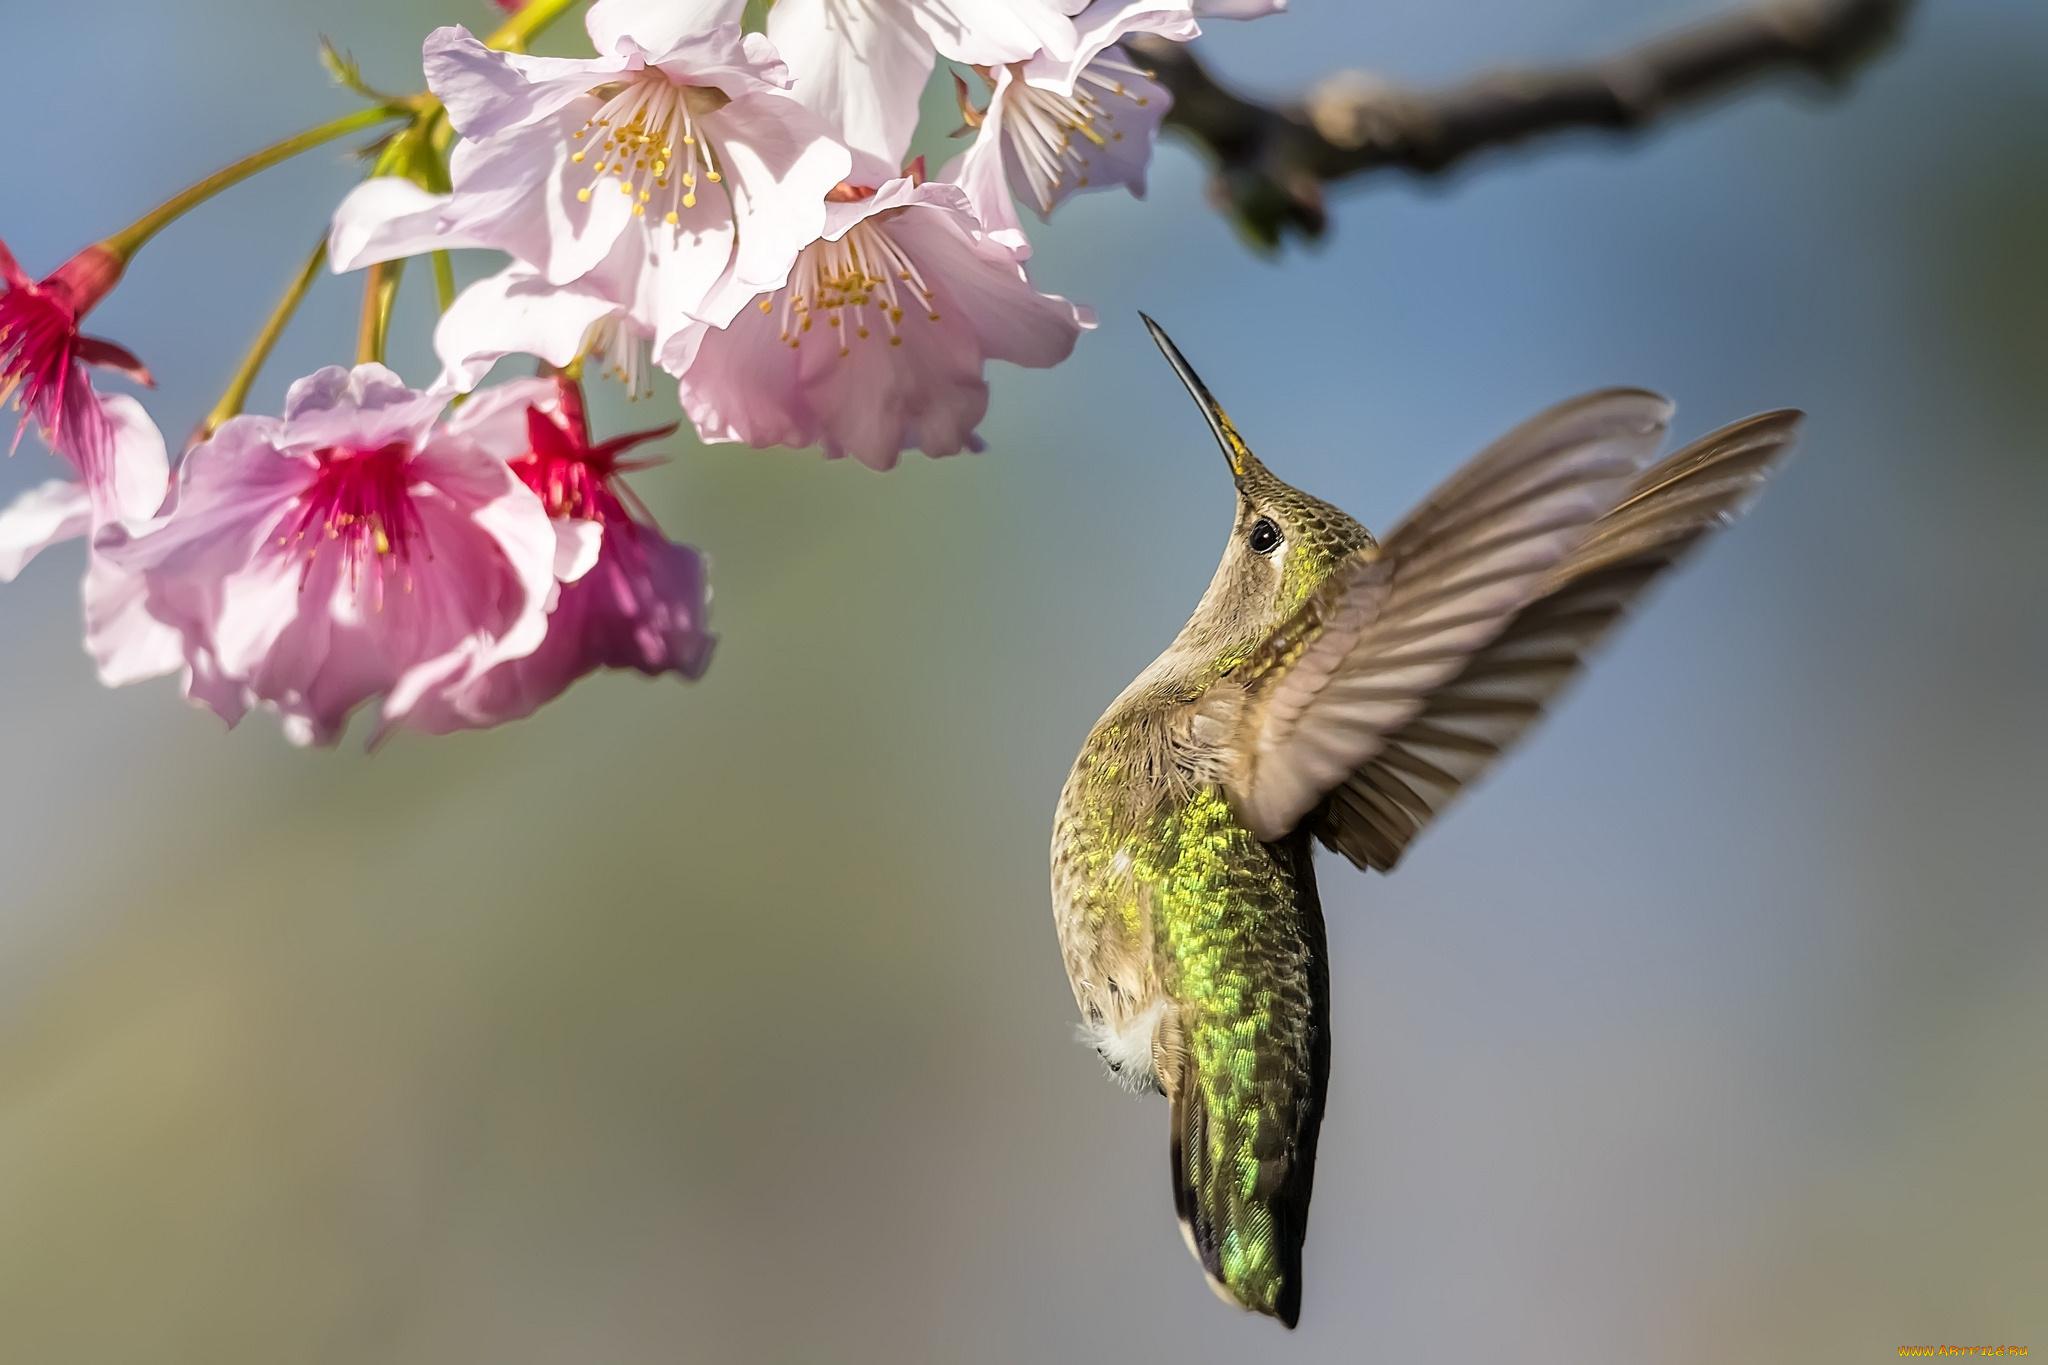 птица природа ветка колибри  № 1994331 бесплатно